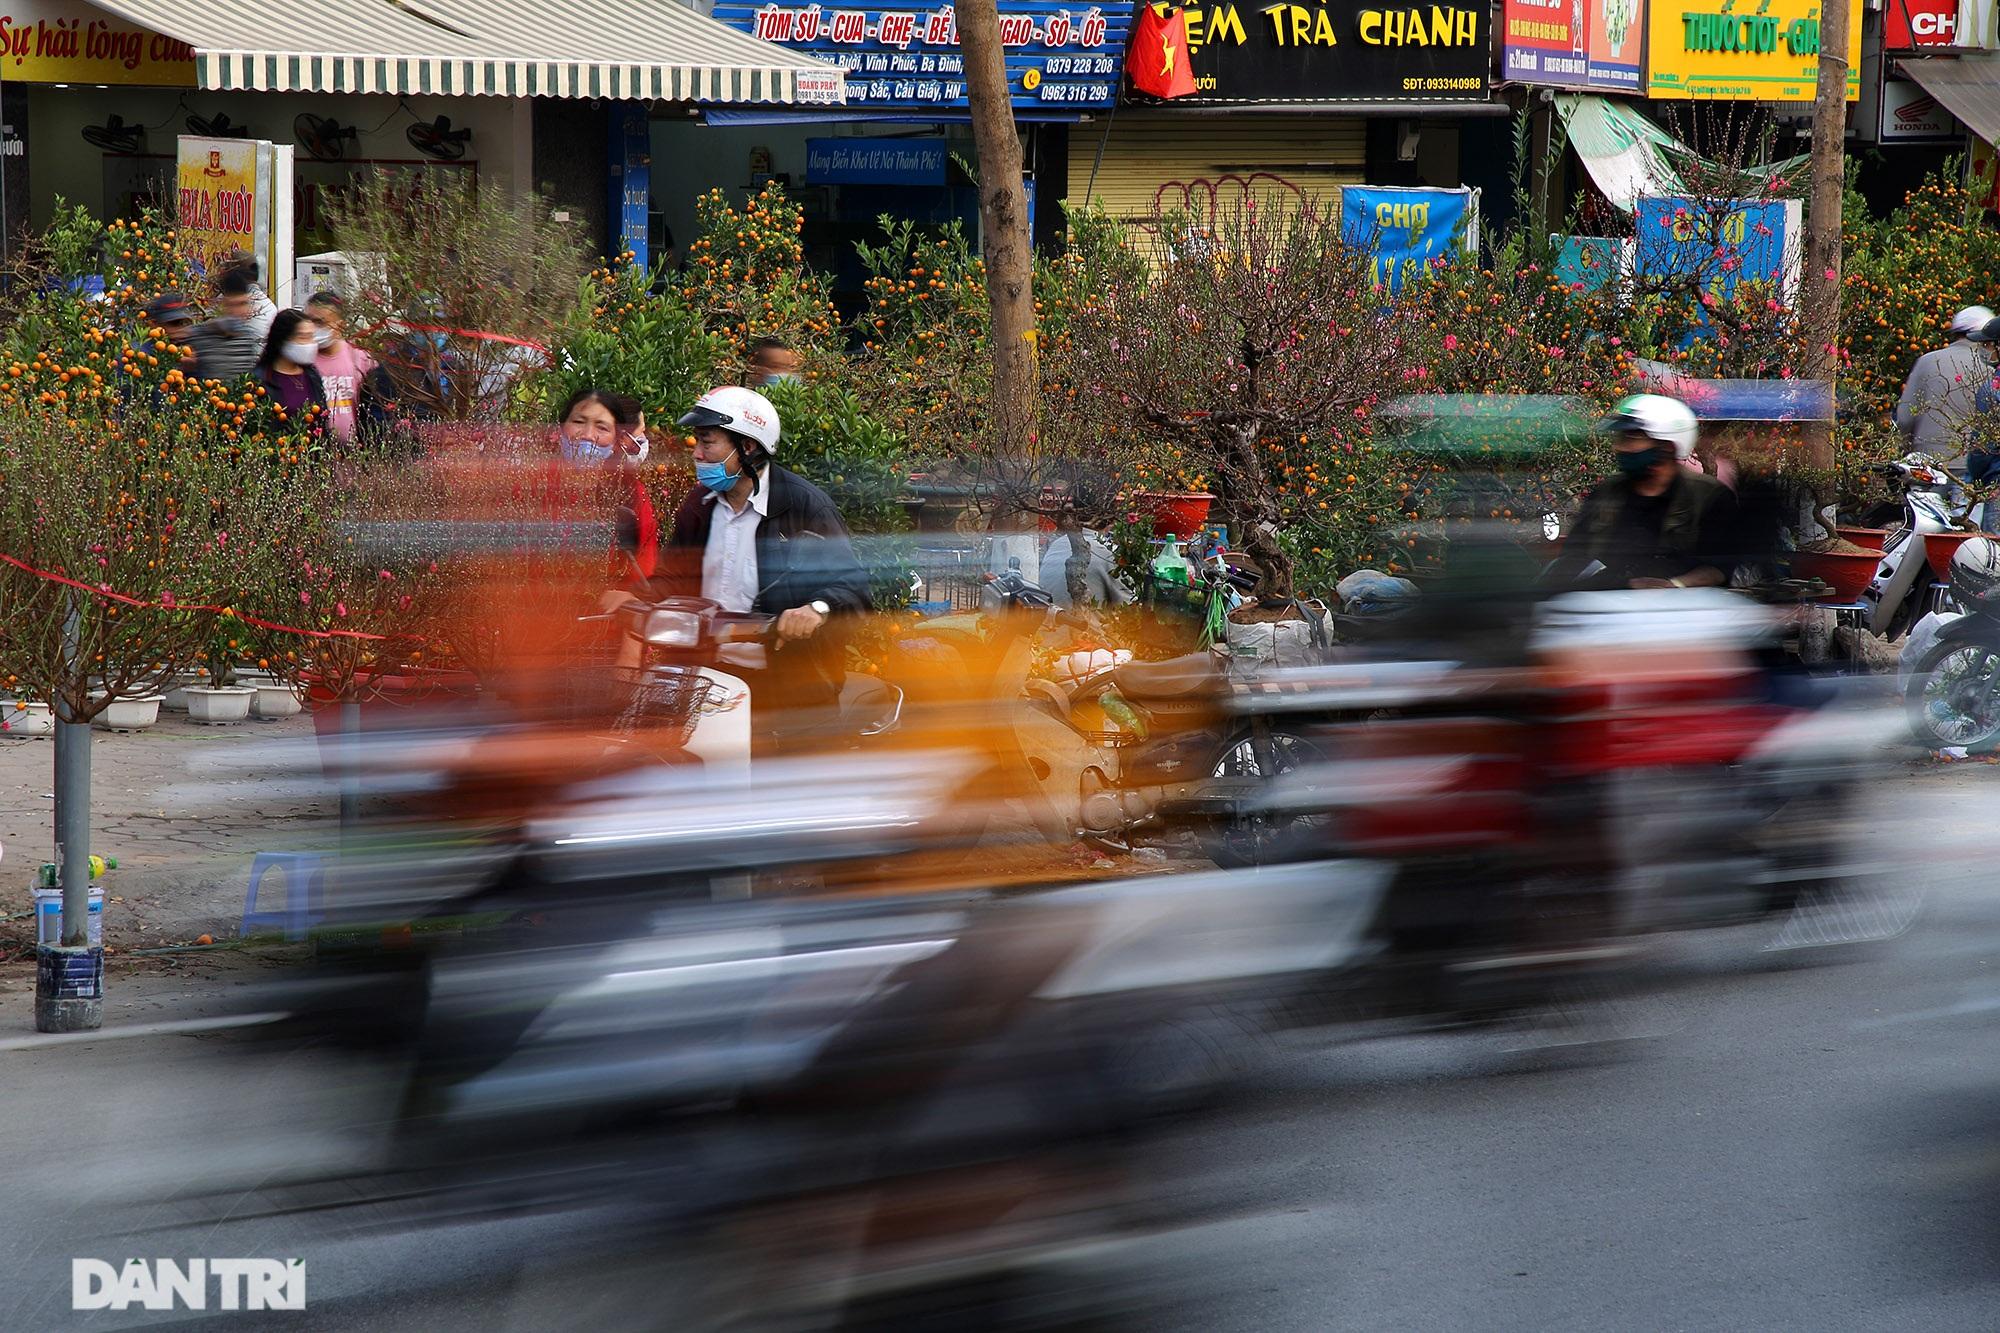 Chợ hoa bày bán trên đường phố Hà Nội đông khách bất chấp dịch Covid-19 - 13